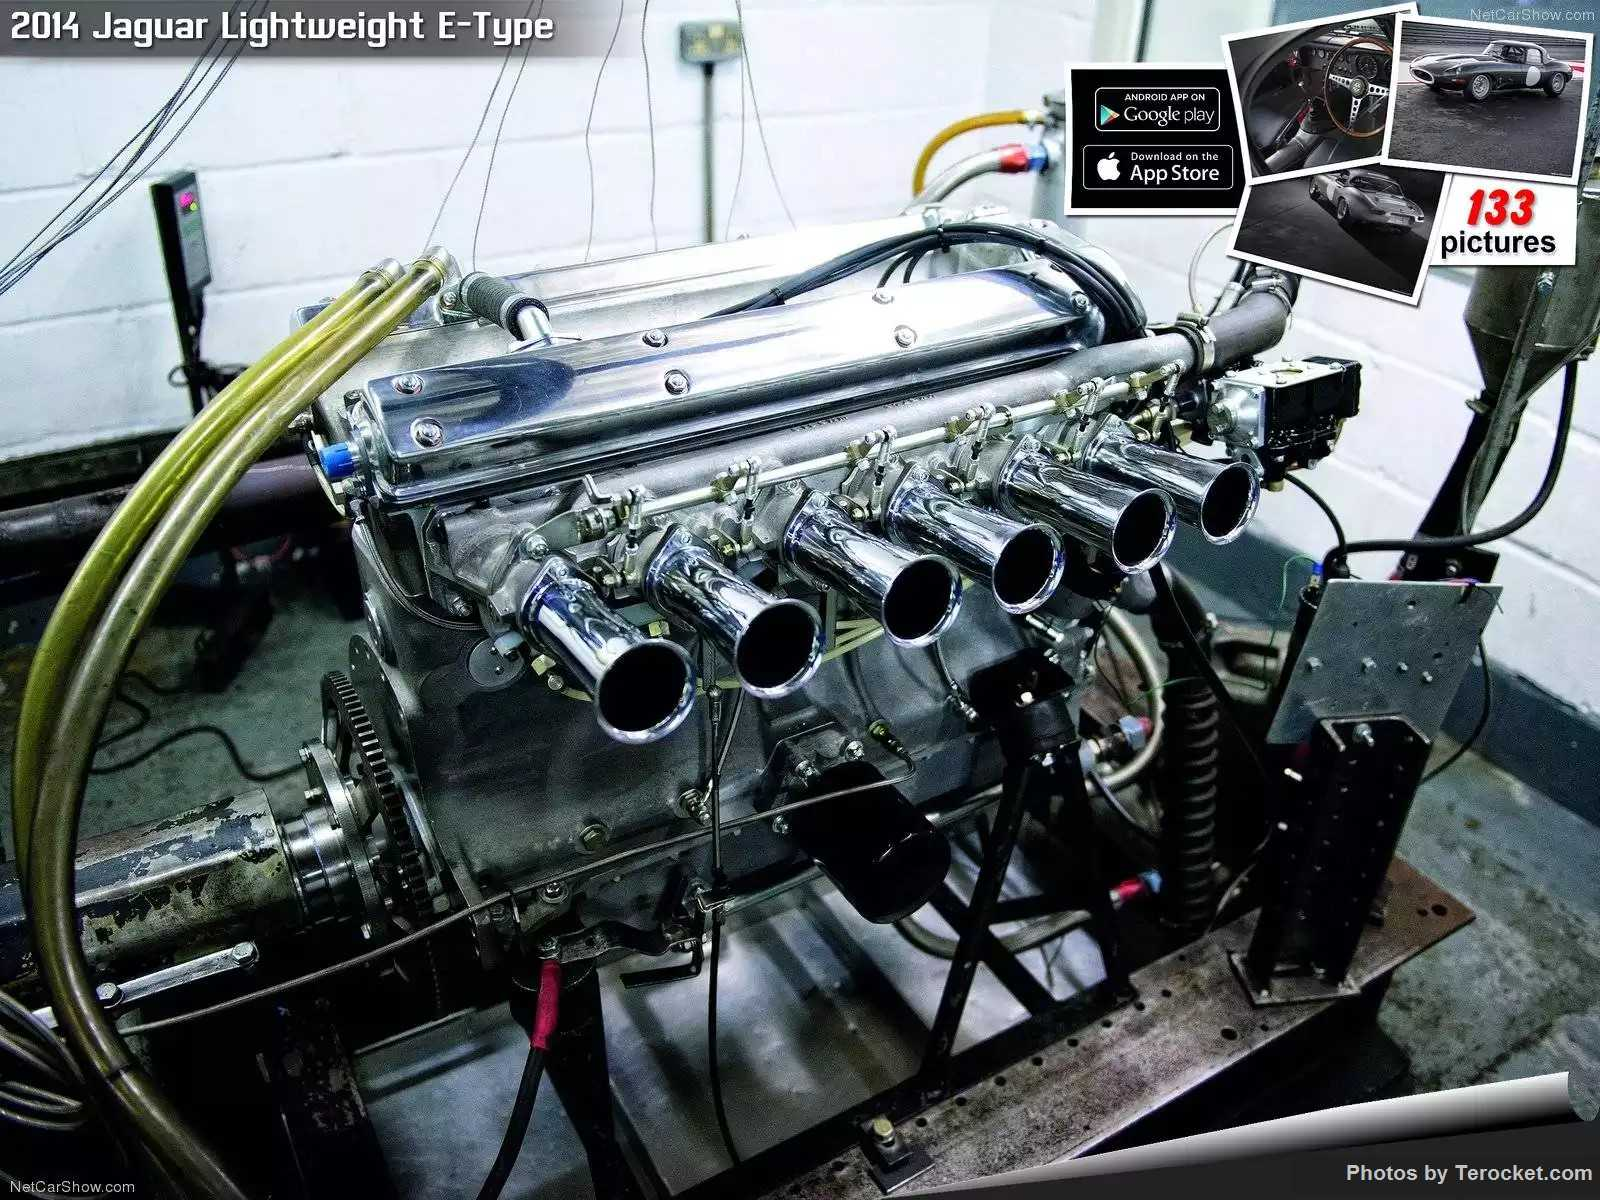 Hình ảnh xe ô tô Jaguar Lightweight E-Type 2014 & nội ngoại thất